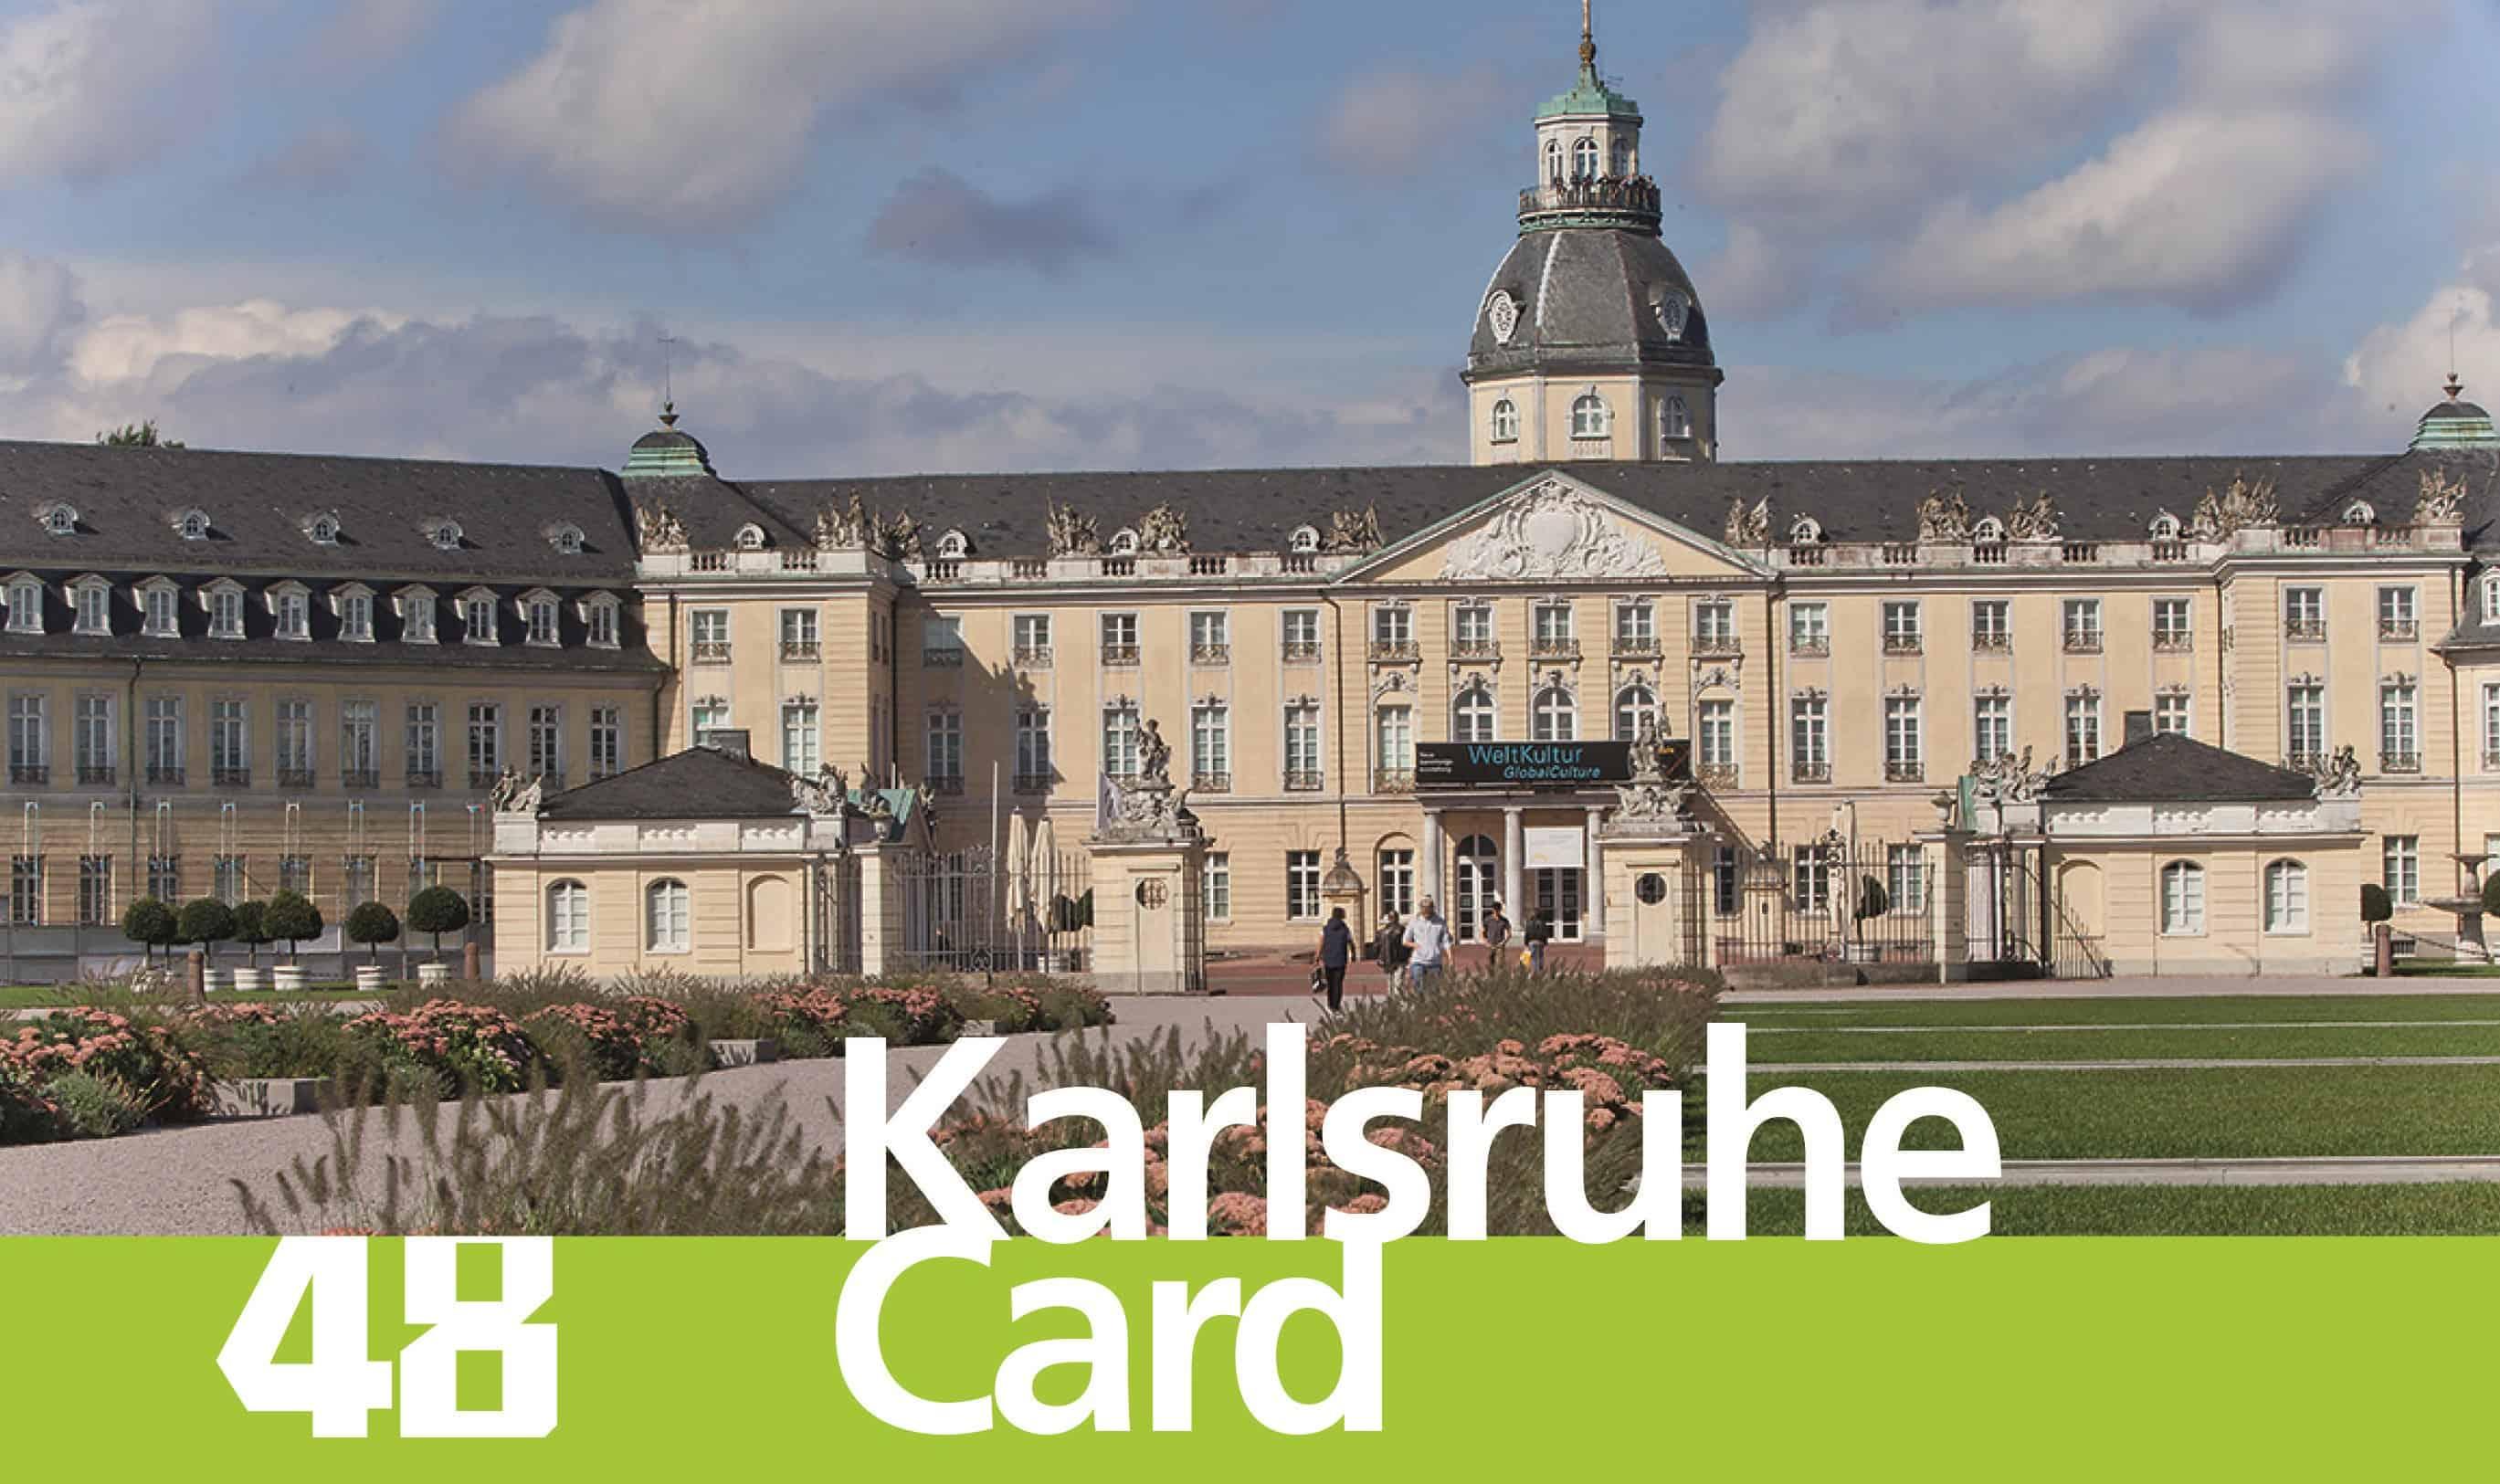 Karlsruhe Card bei uns erhältlich!